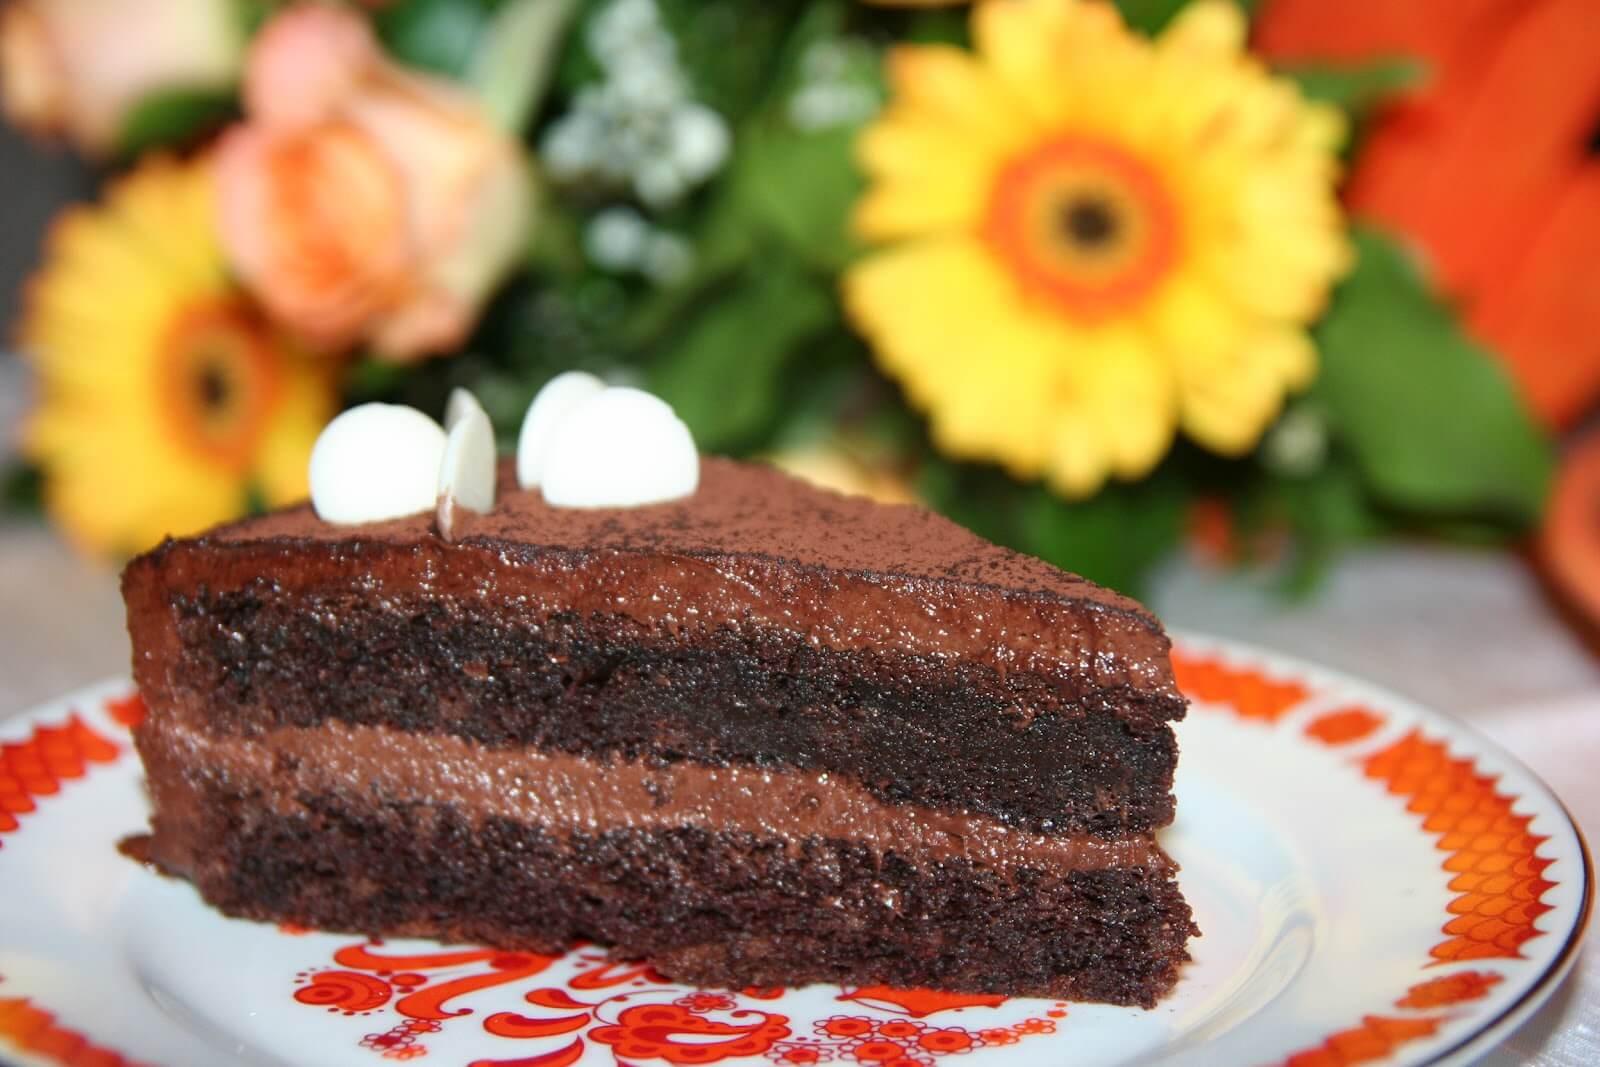 Самый вкусный шоколадный торт - подборка фото 15